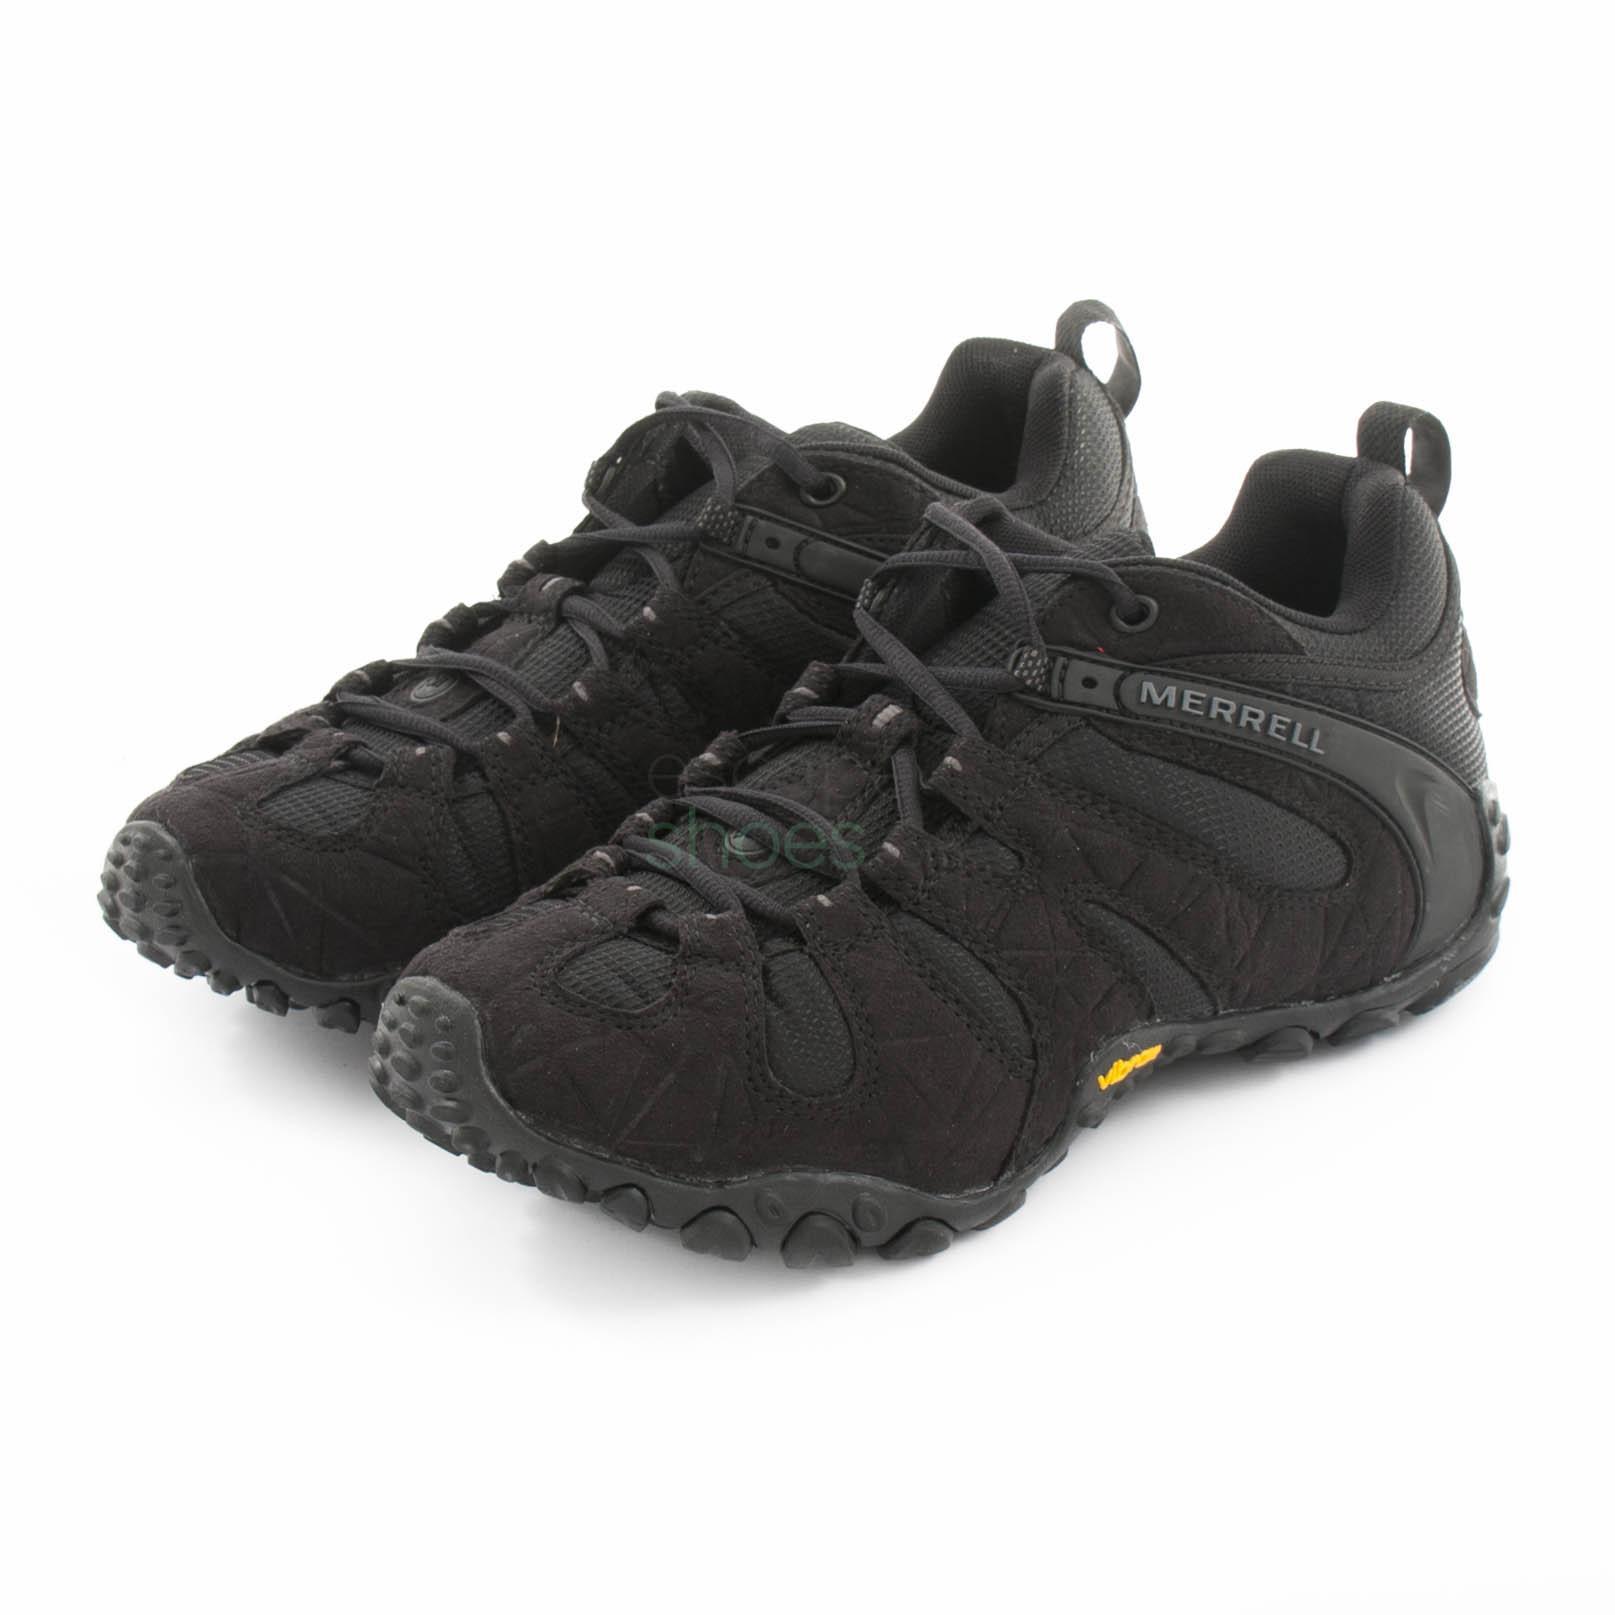 Buy Your Sneakers Merrell Chameleon Guide Black J91727 Here Online